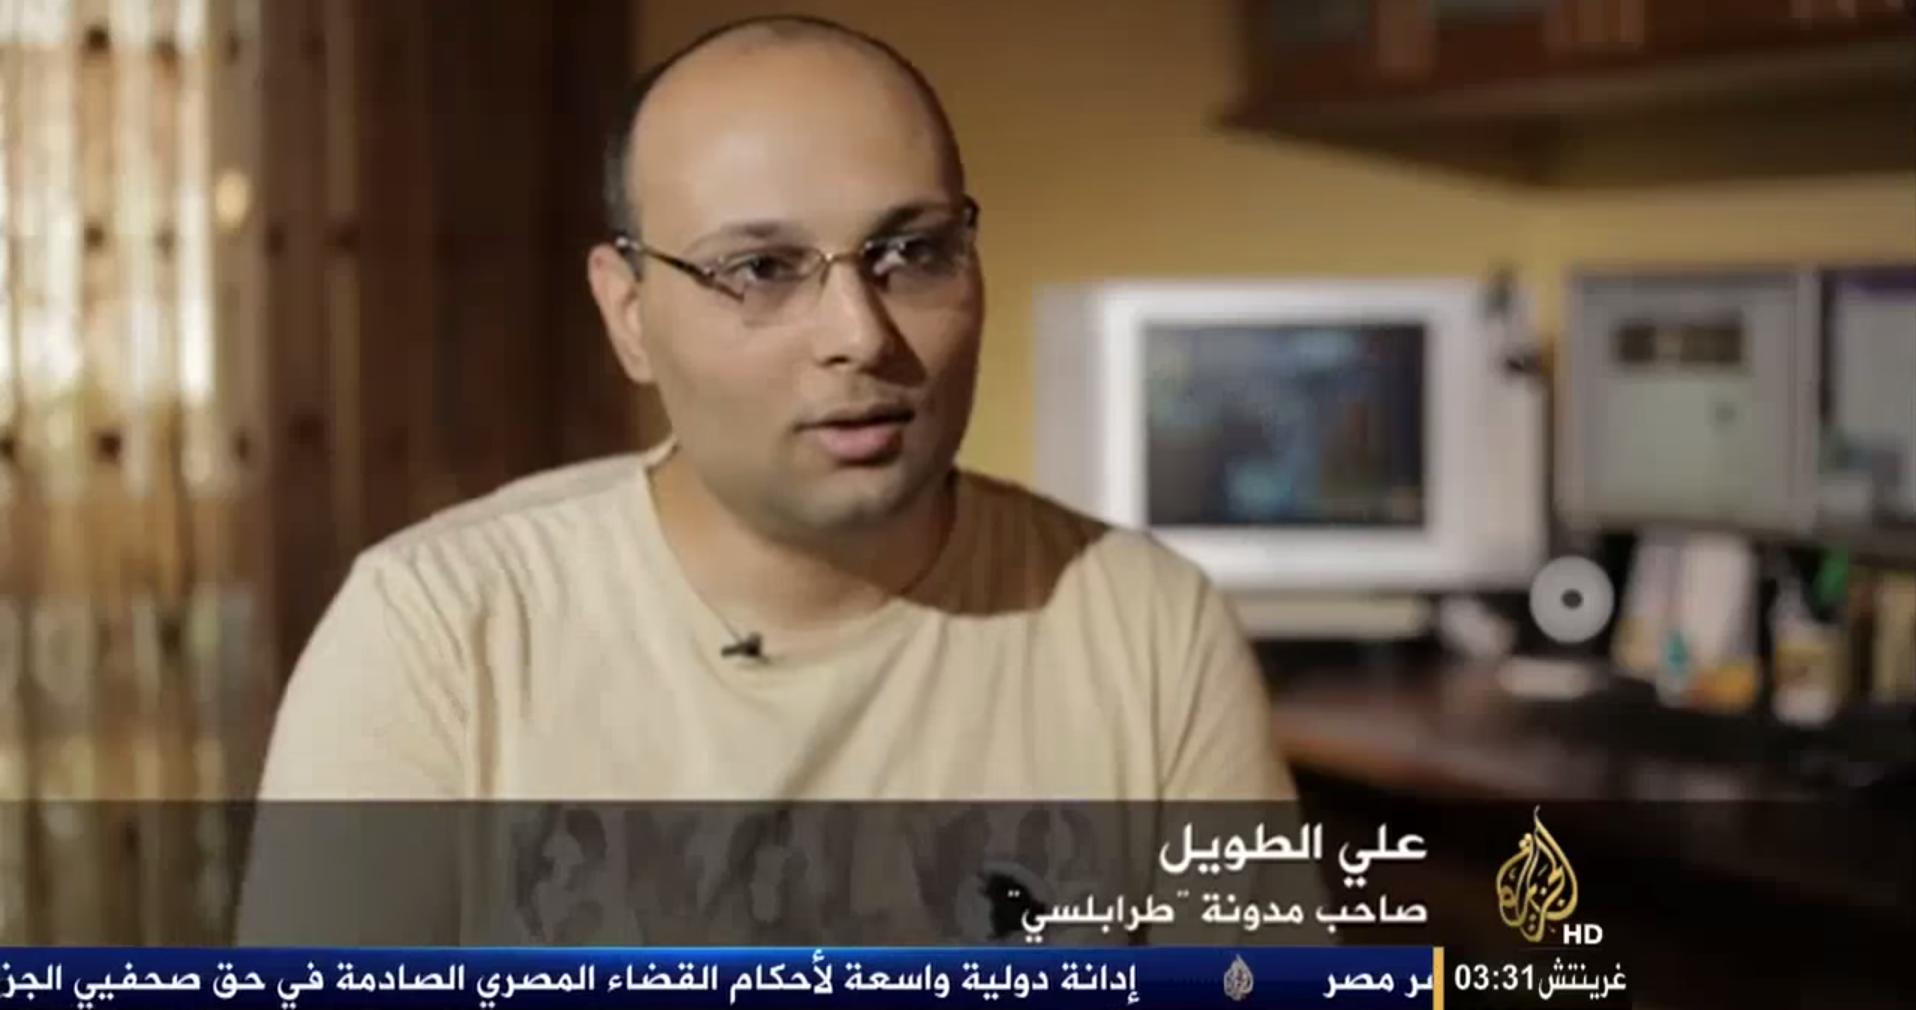 لقطة من البرنامج